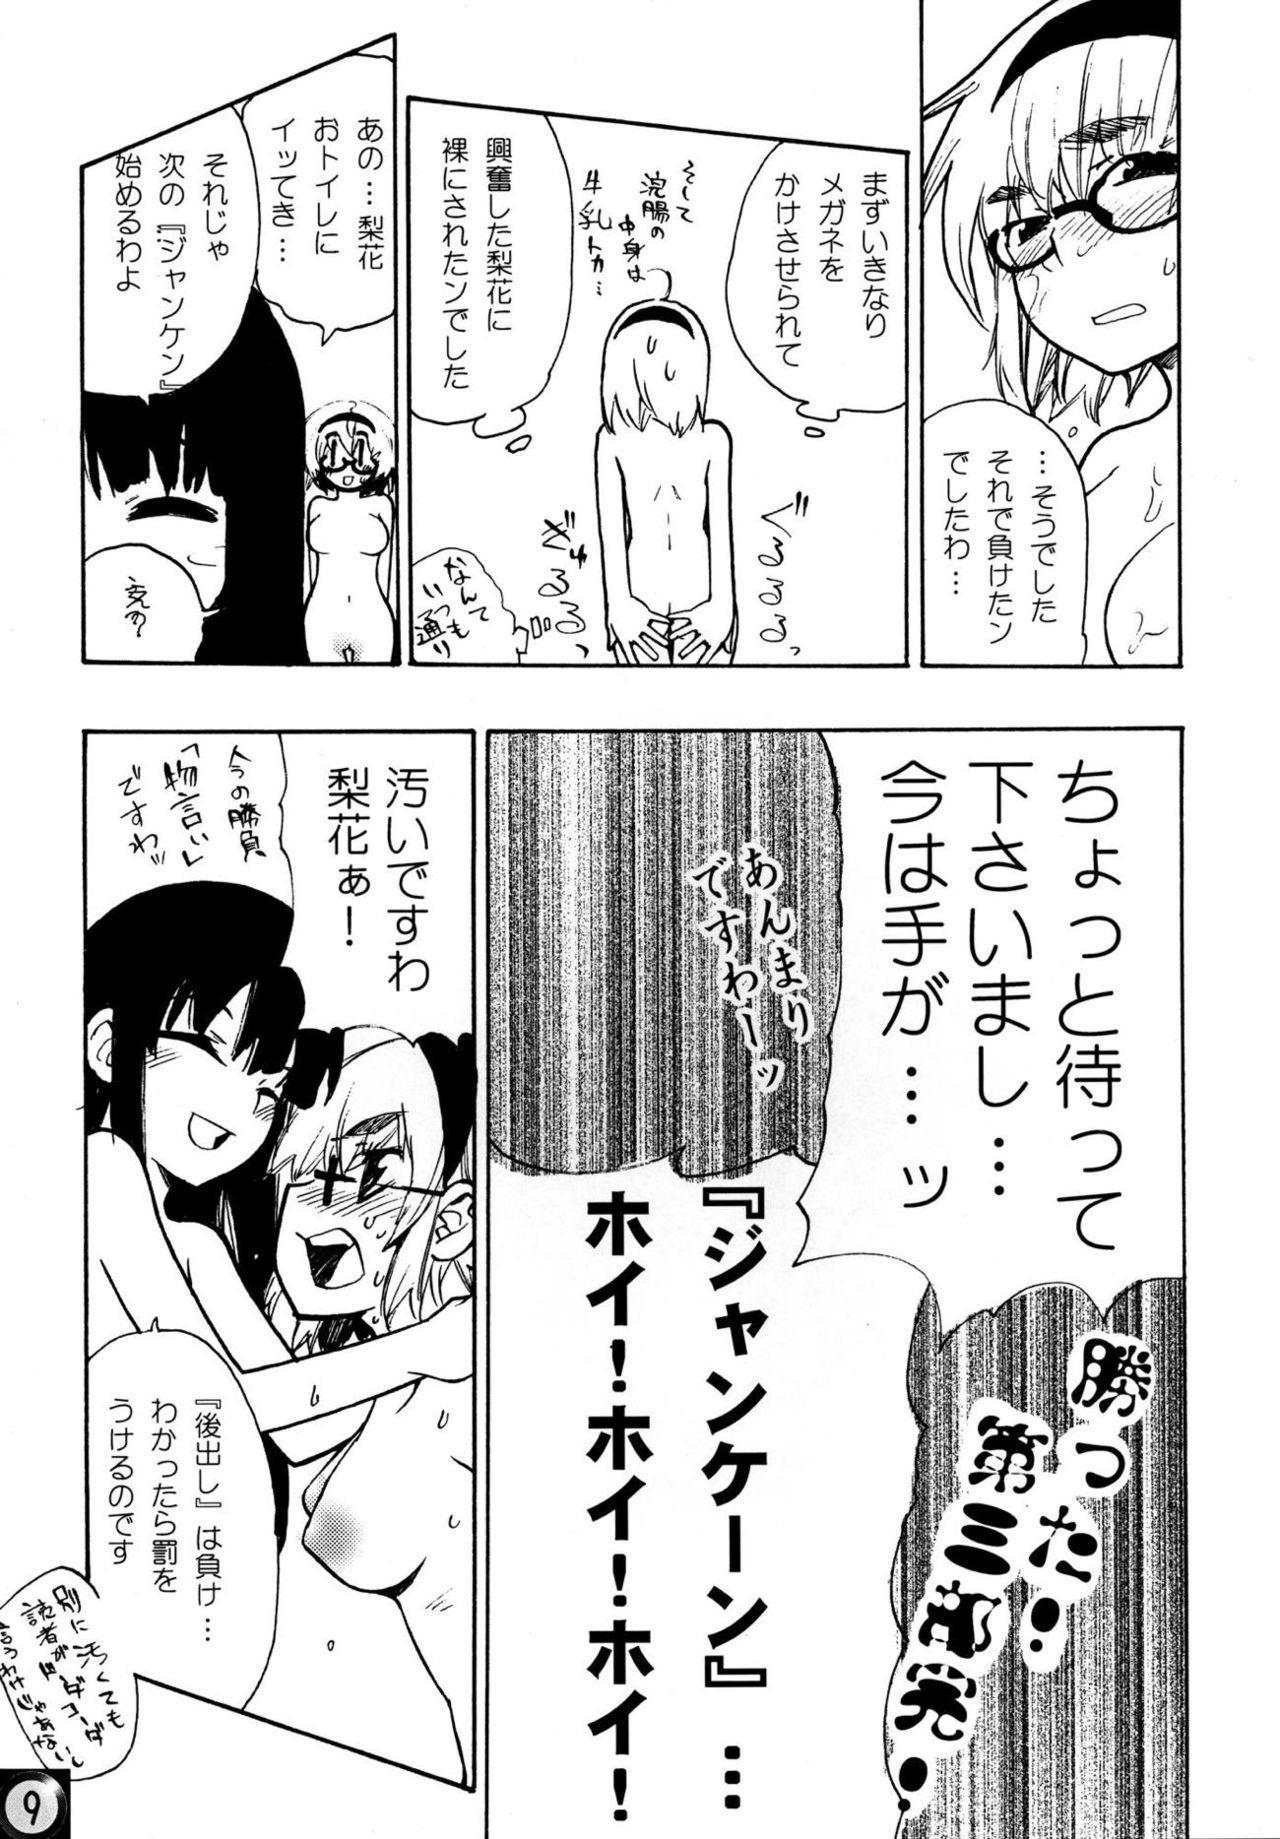 Ecchi ja Nai to Ikenai to Omoimasu!! 7